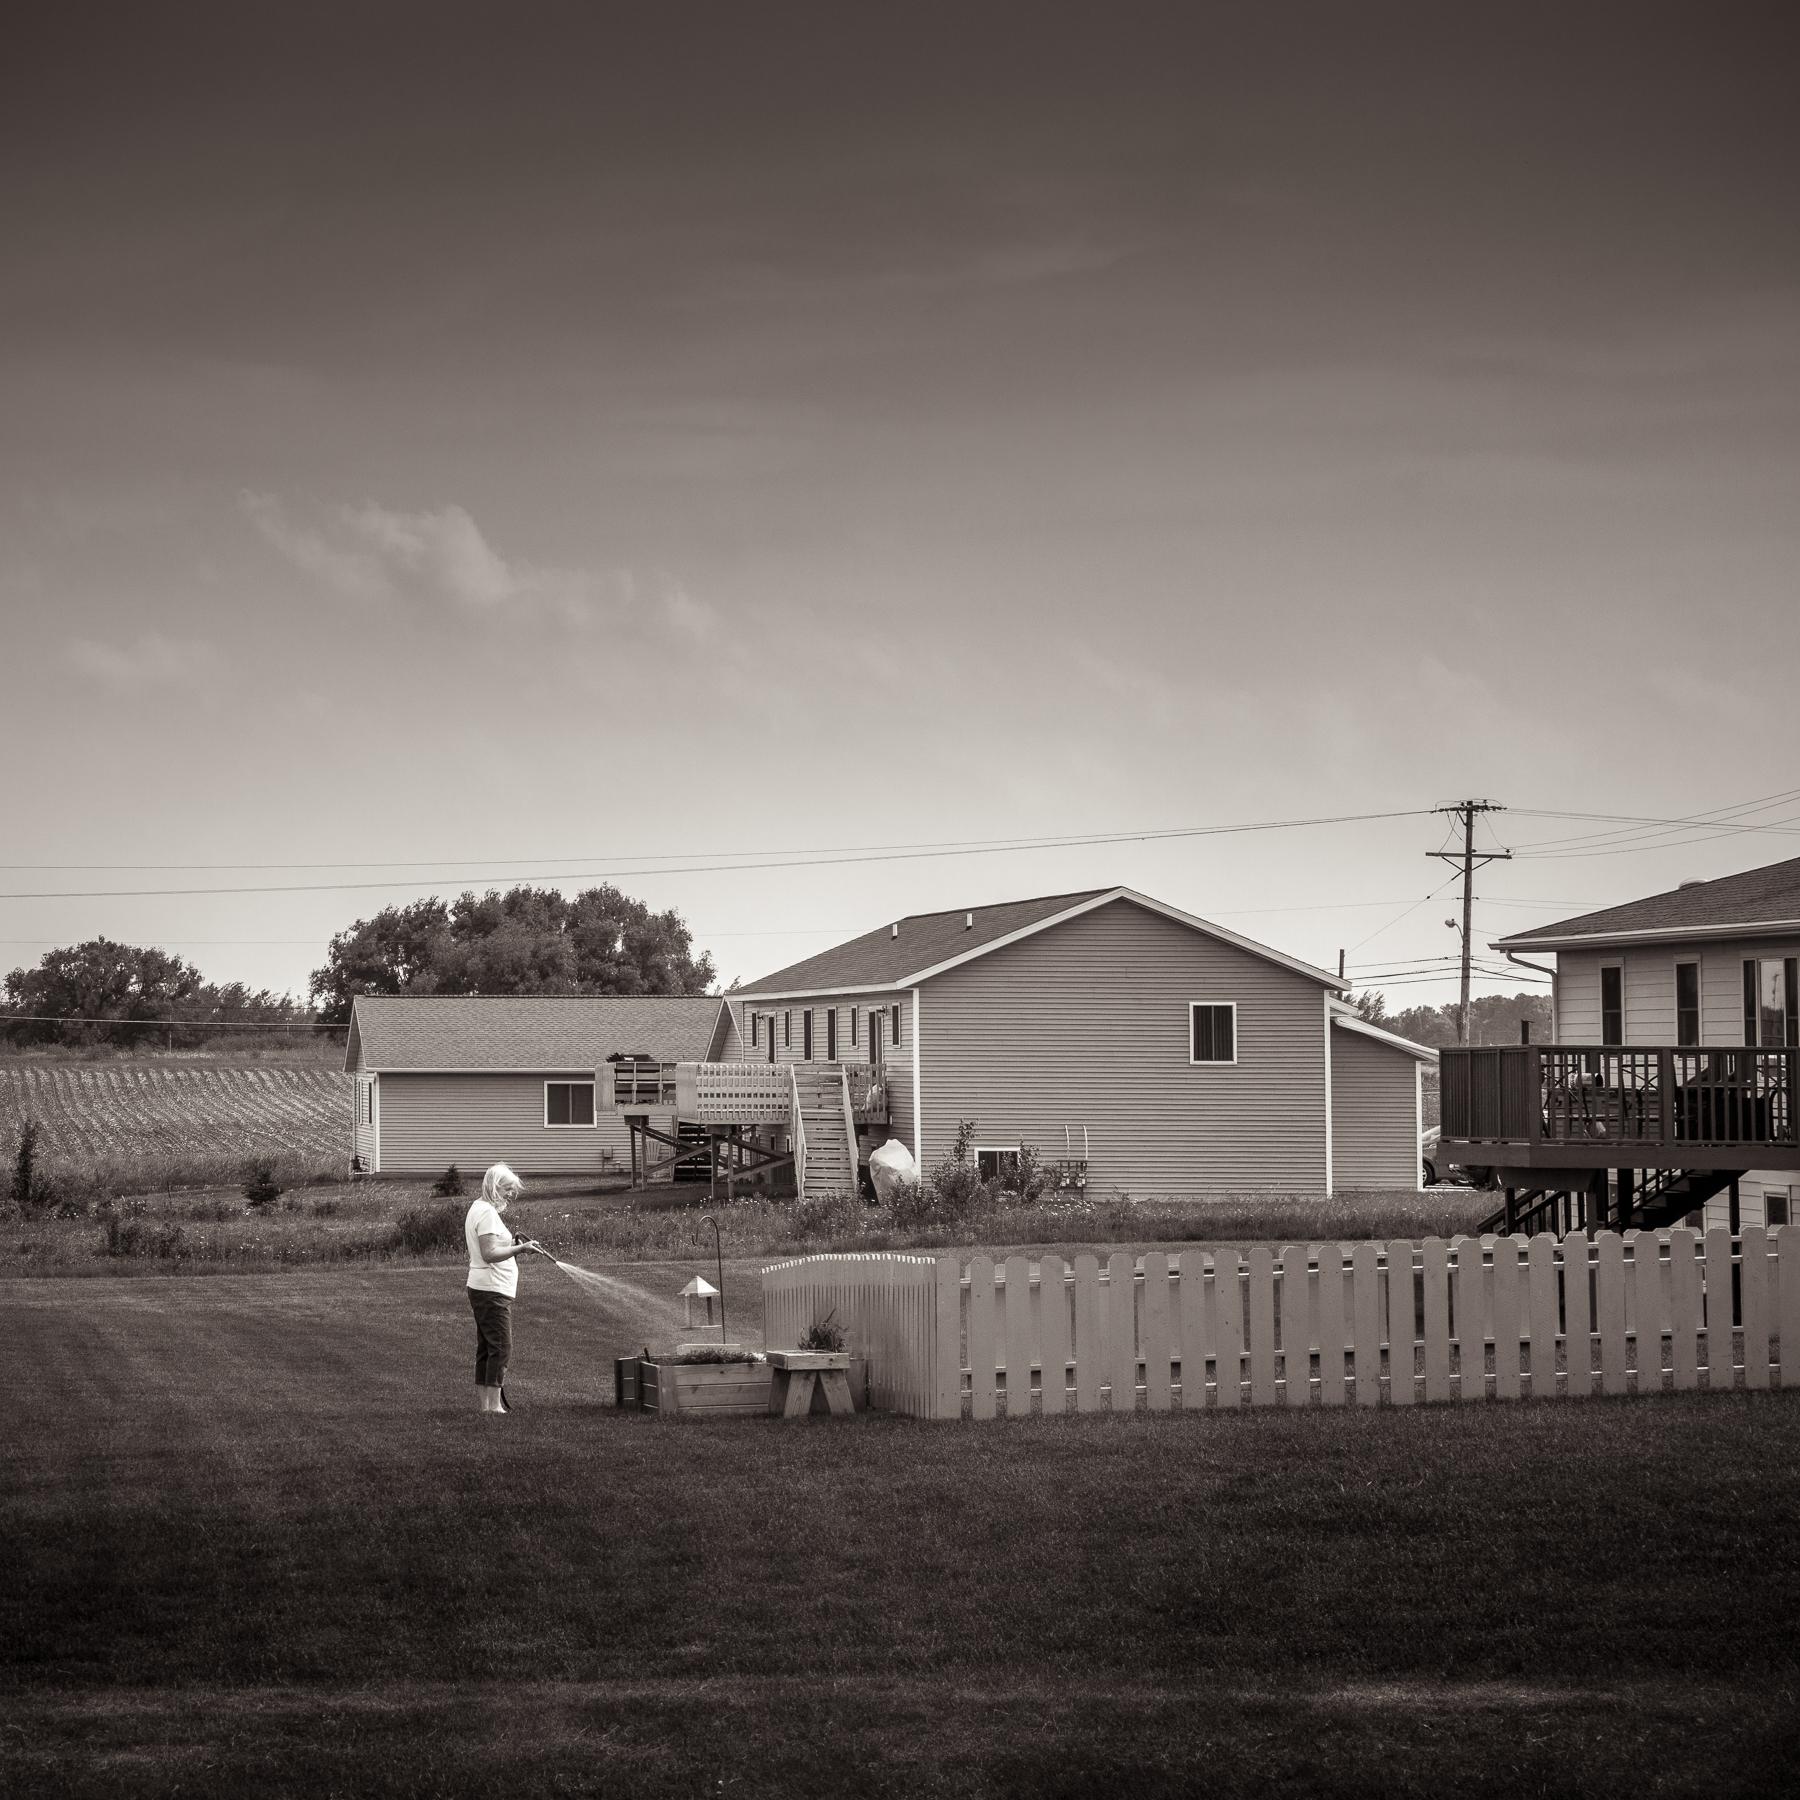 Michael_Knapstein_MidwestPeople_Backyard_4.jpg